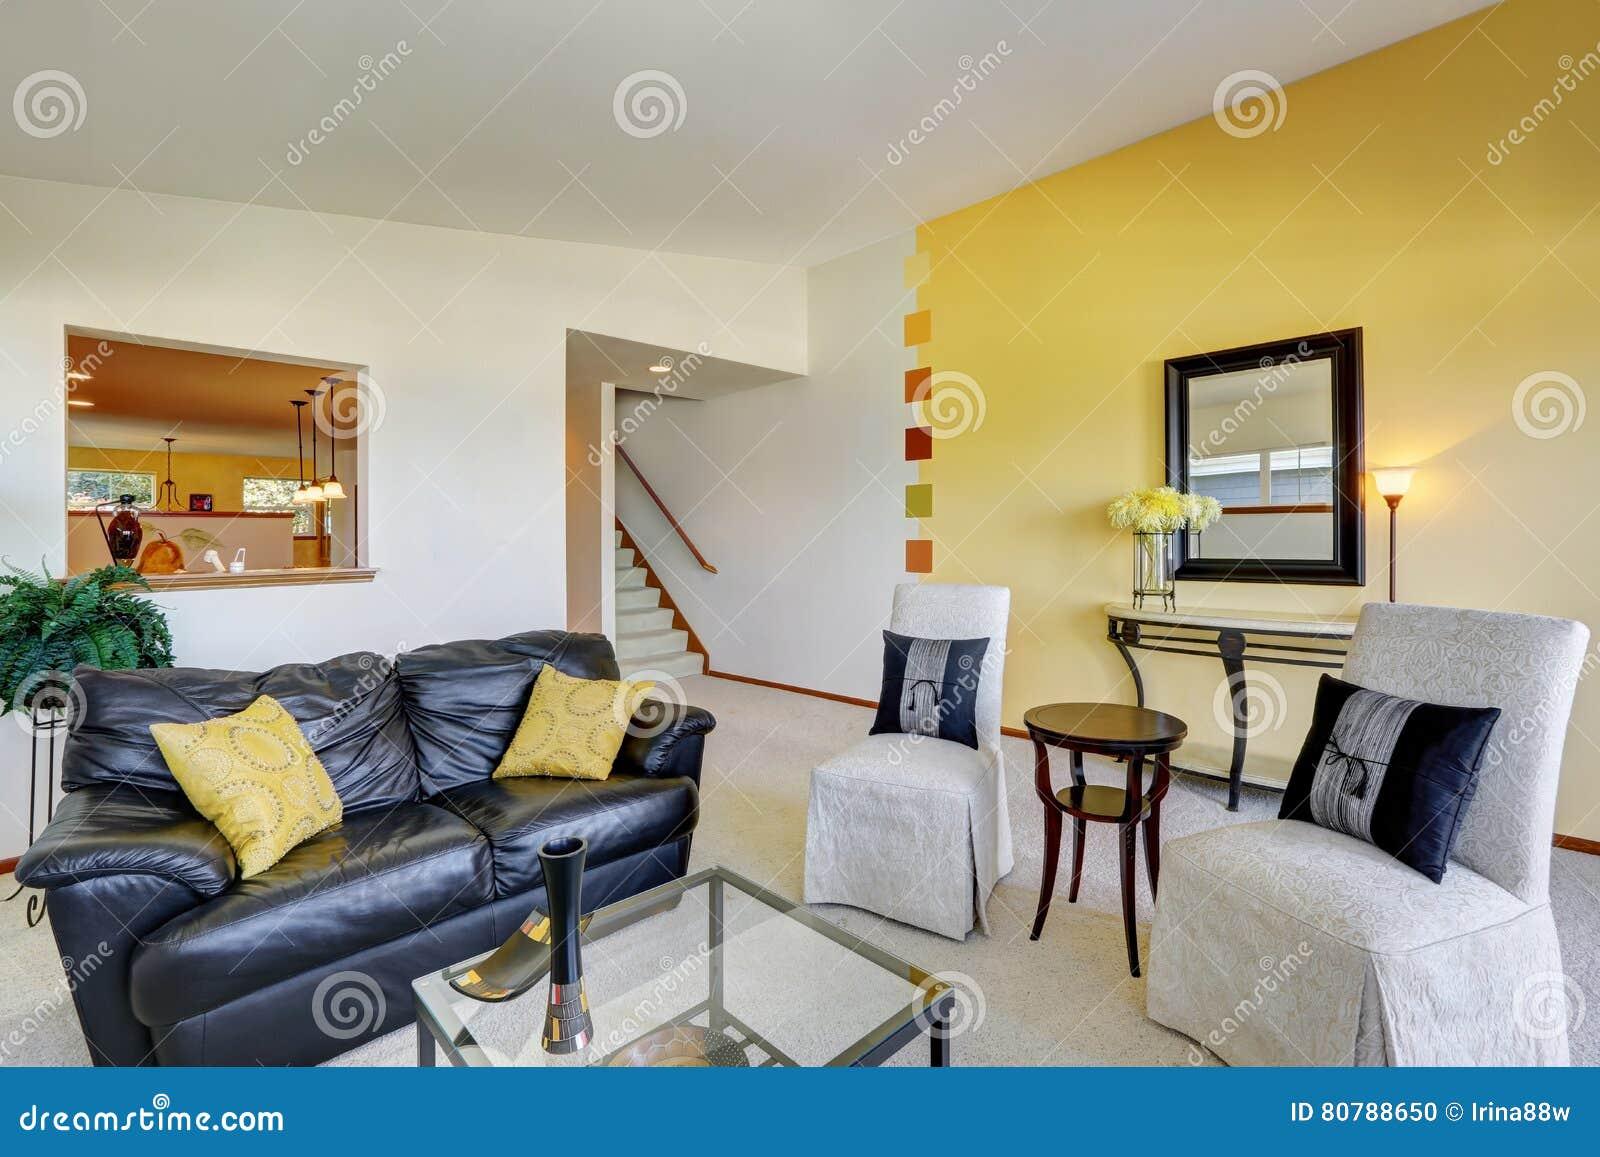 Int rieur lumineux de salon dans la maison duplex photo - Salon lumineux ...